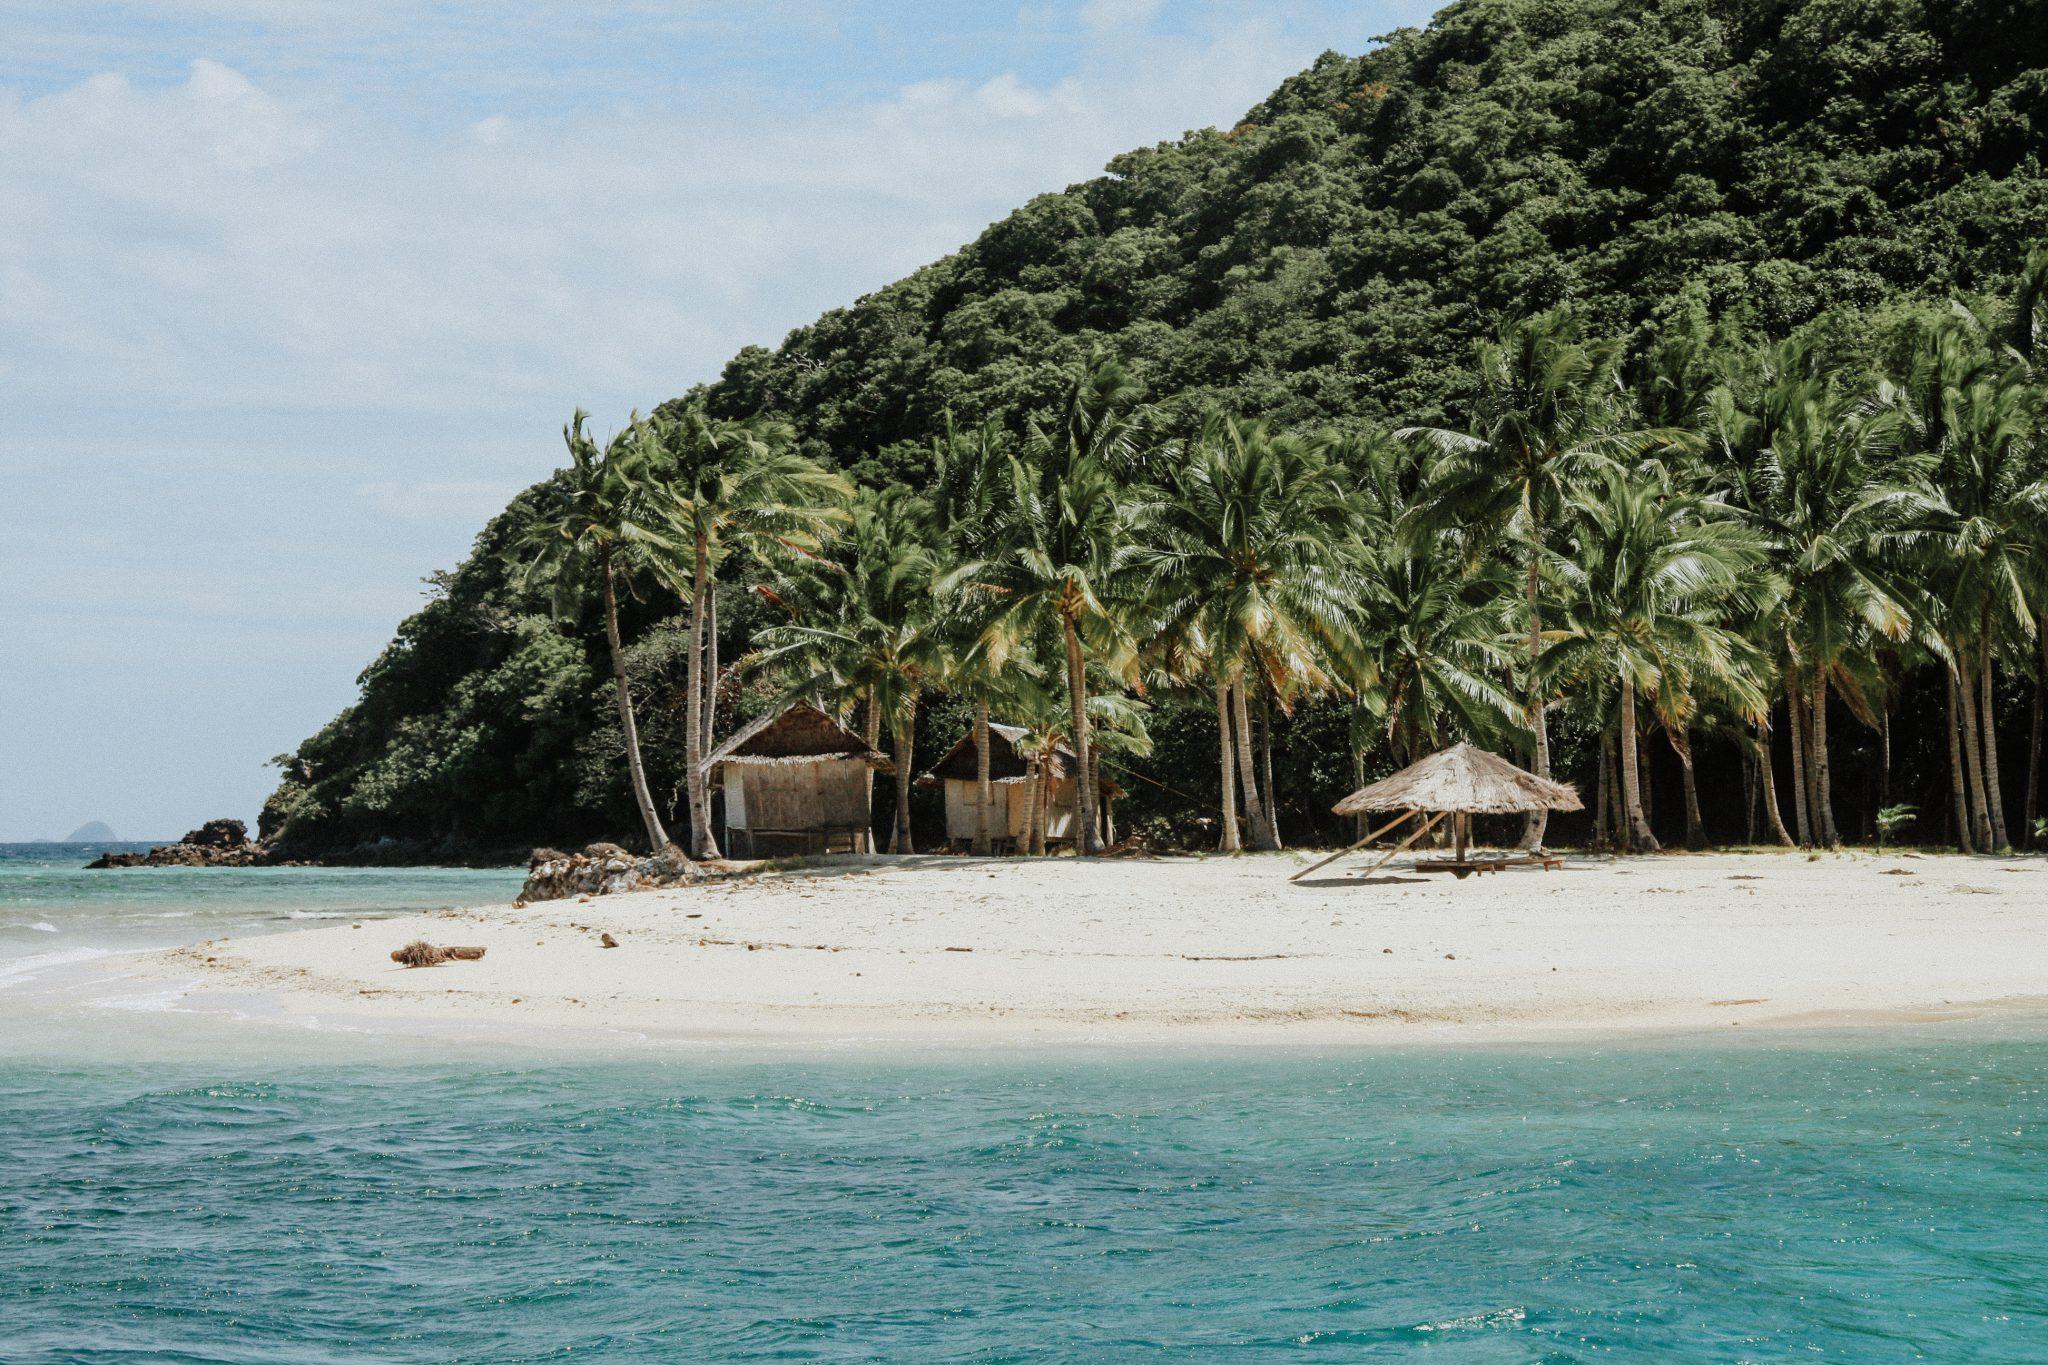 Ile et plage de l'archipel de Bacuit aux Philippines